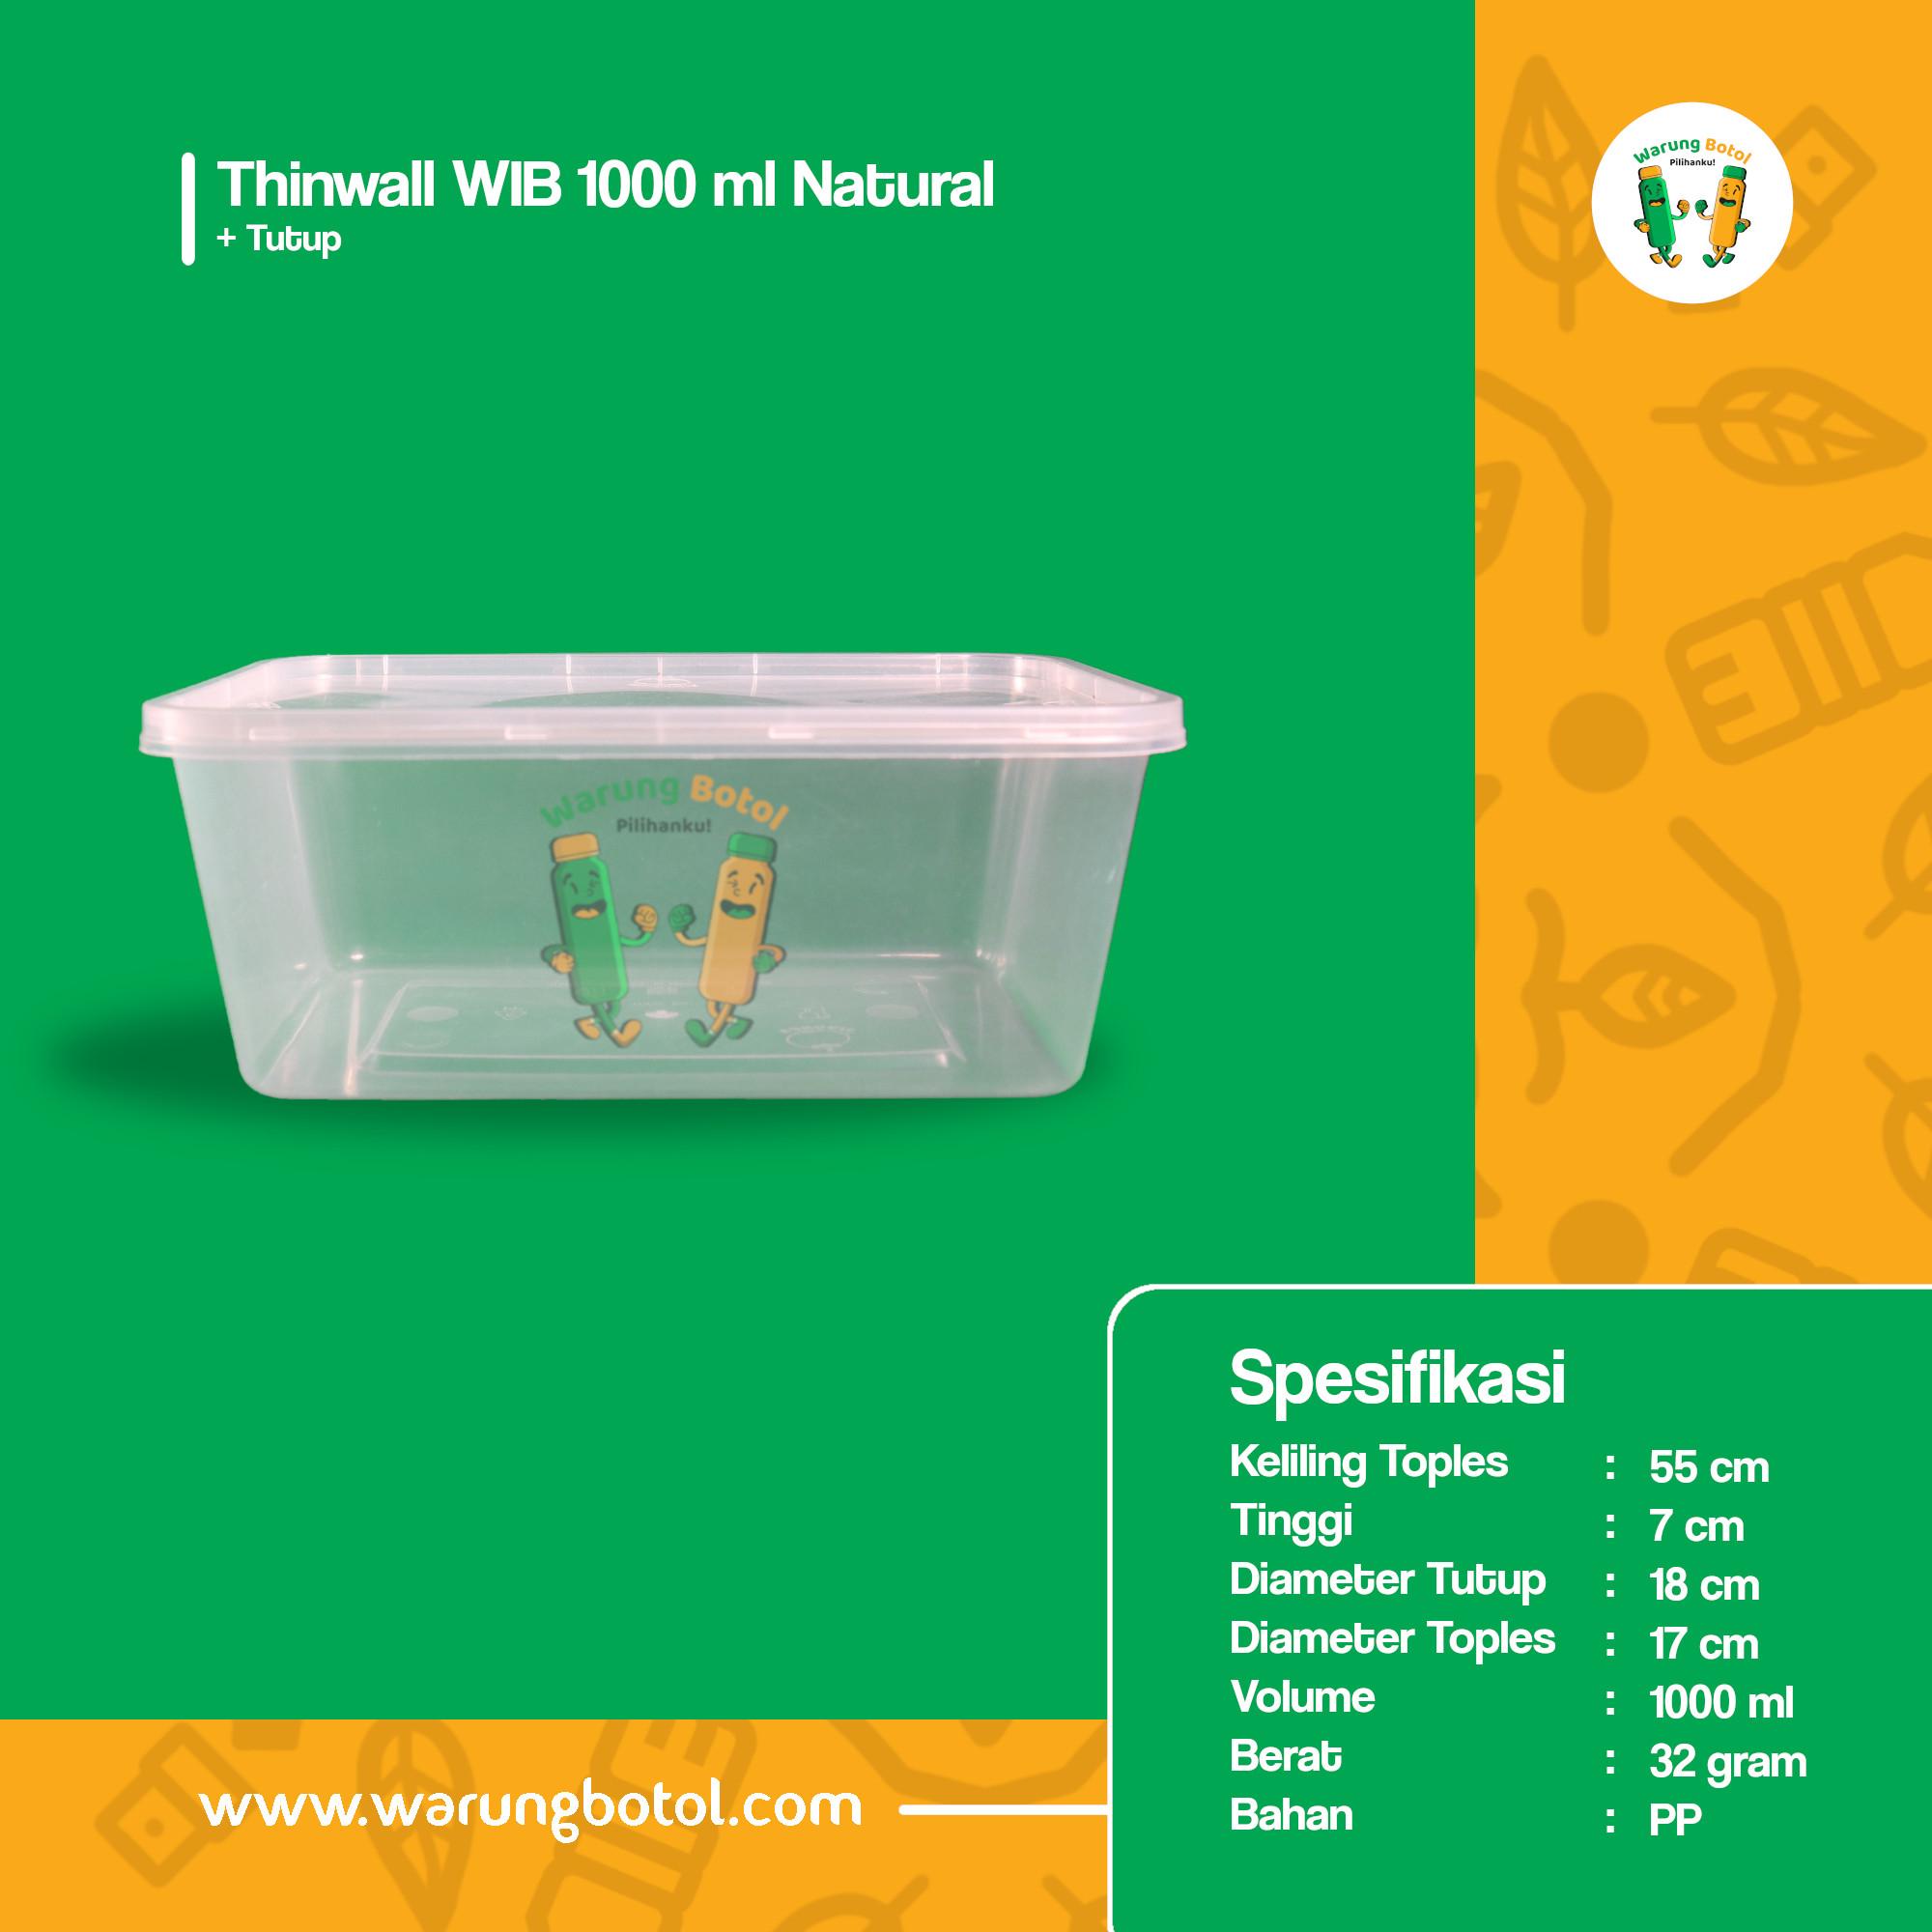 distributor toko jual thinwall kotak persegi panjang murah 1000ml 1 liter untuk kemasan makanan kebab salad terdekat di bandung jakarta bekasi bogor